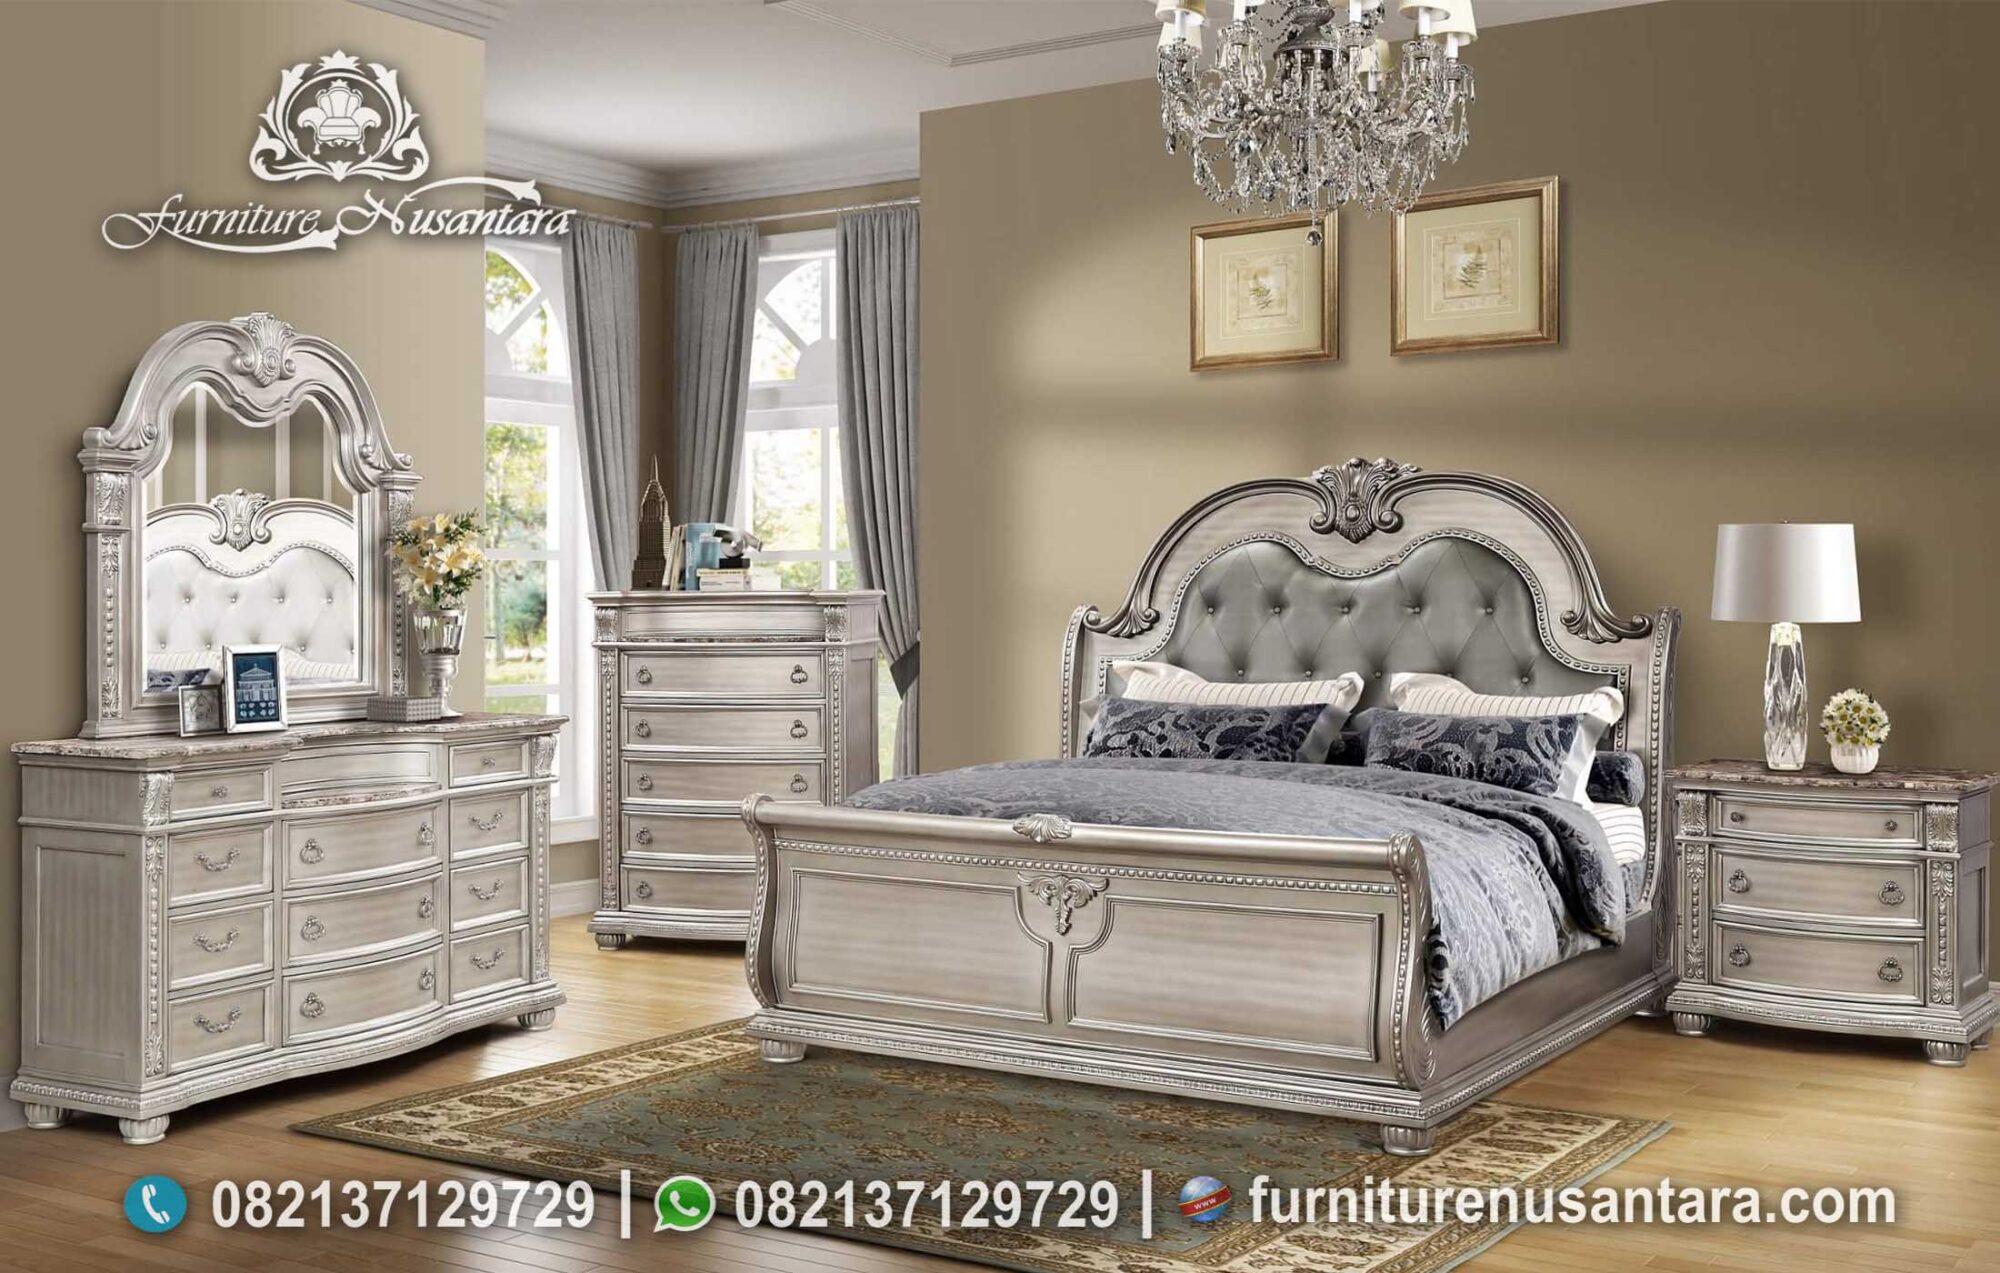 Jual Tempat Tidur Klasik Ukir Elegan KS-142, Furniture Nusantara